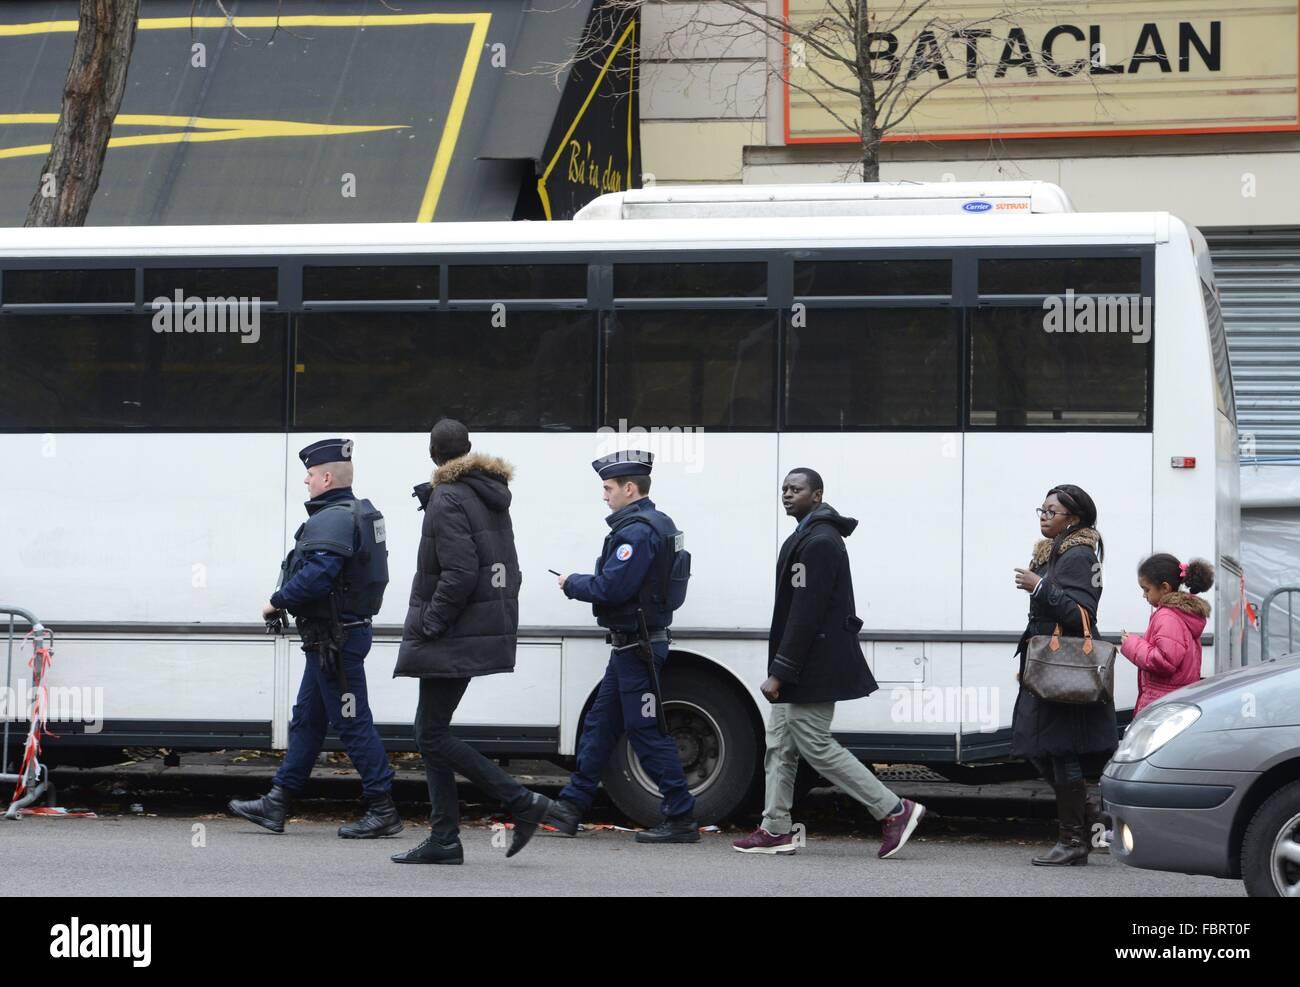 Polizisten bewachen die Konzerthauses Bataclan in Paris in Paris, Dec.12, 2015. Stockbild